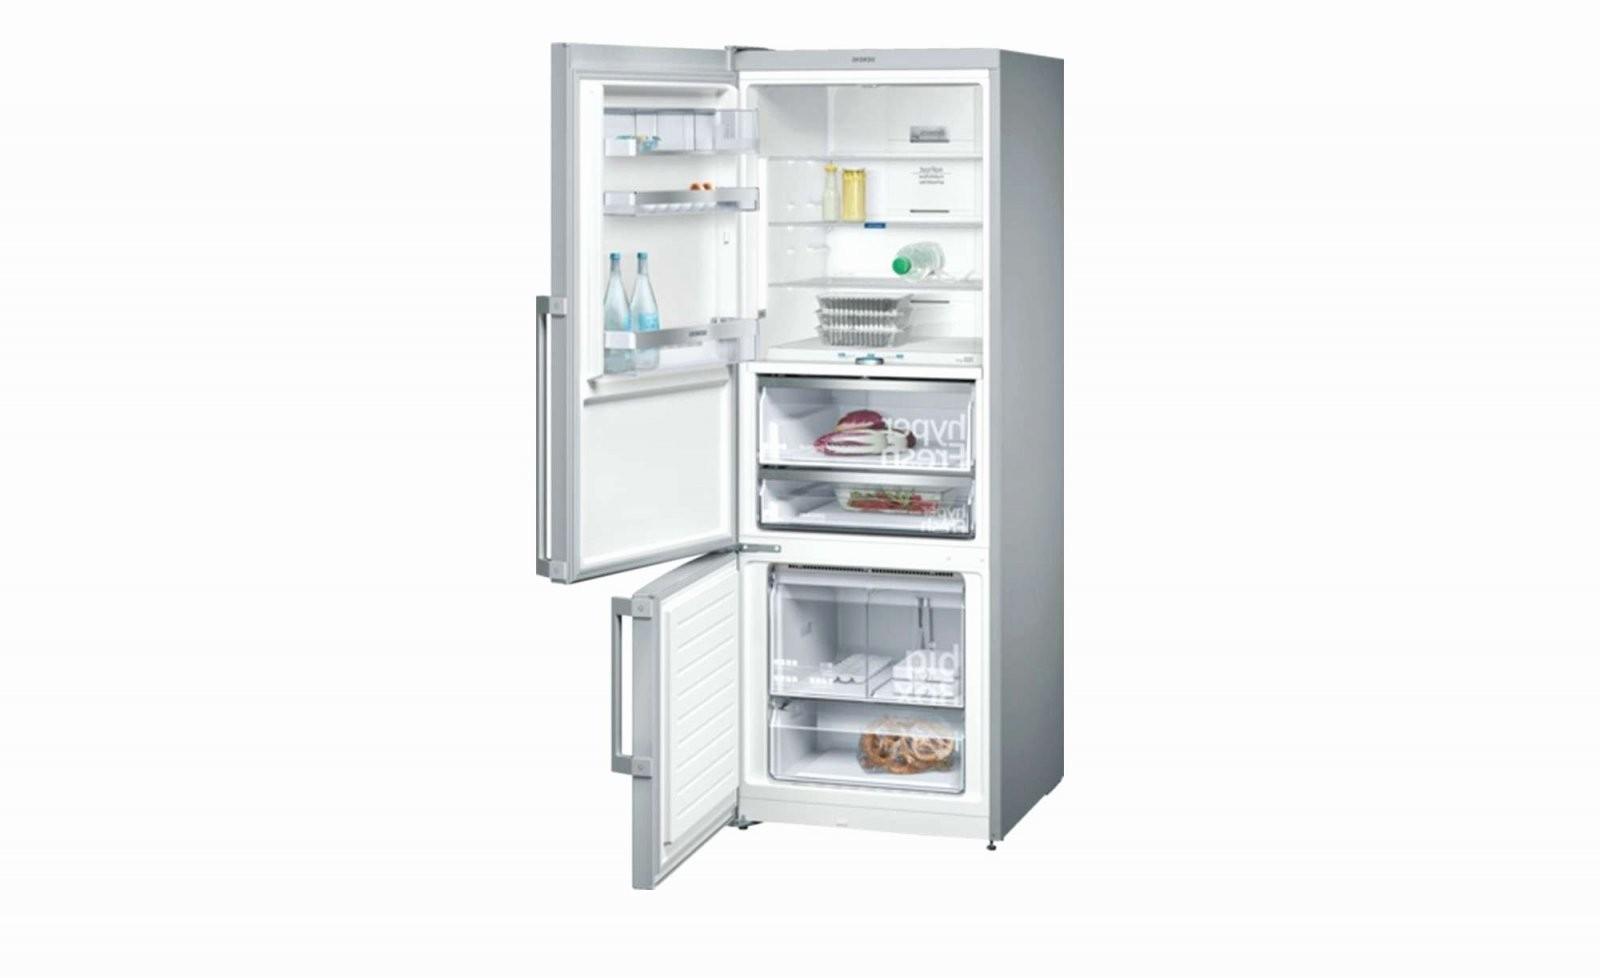 Einbaukühlschrank 45 Cm Breit — Haus Möbel von Gefrierkombination 50 Cm Breit Photo